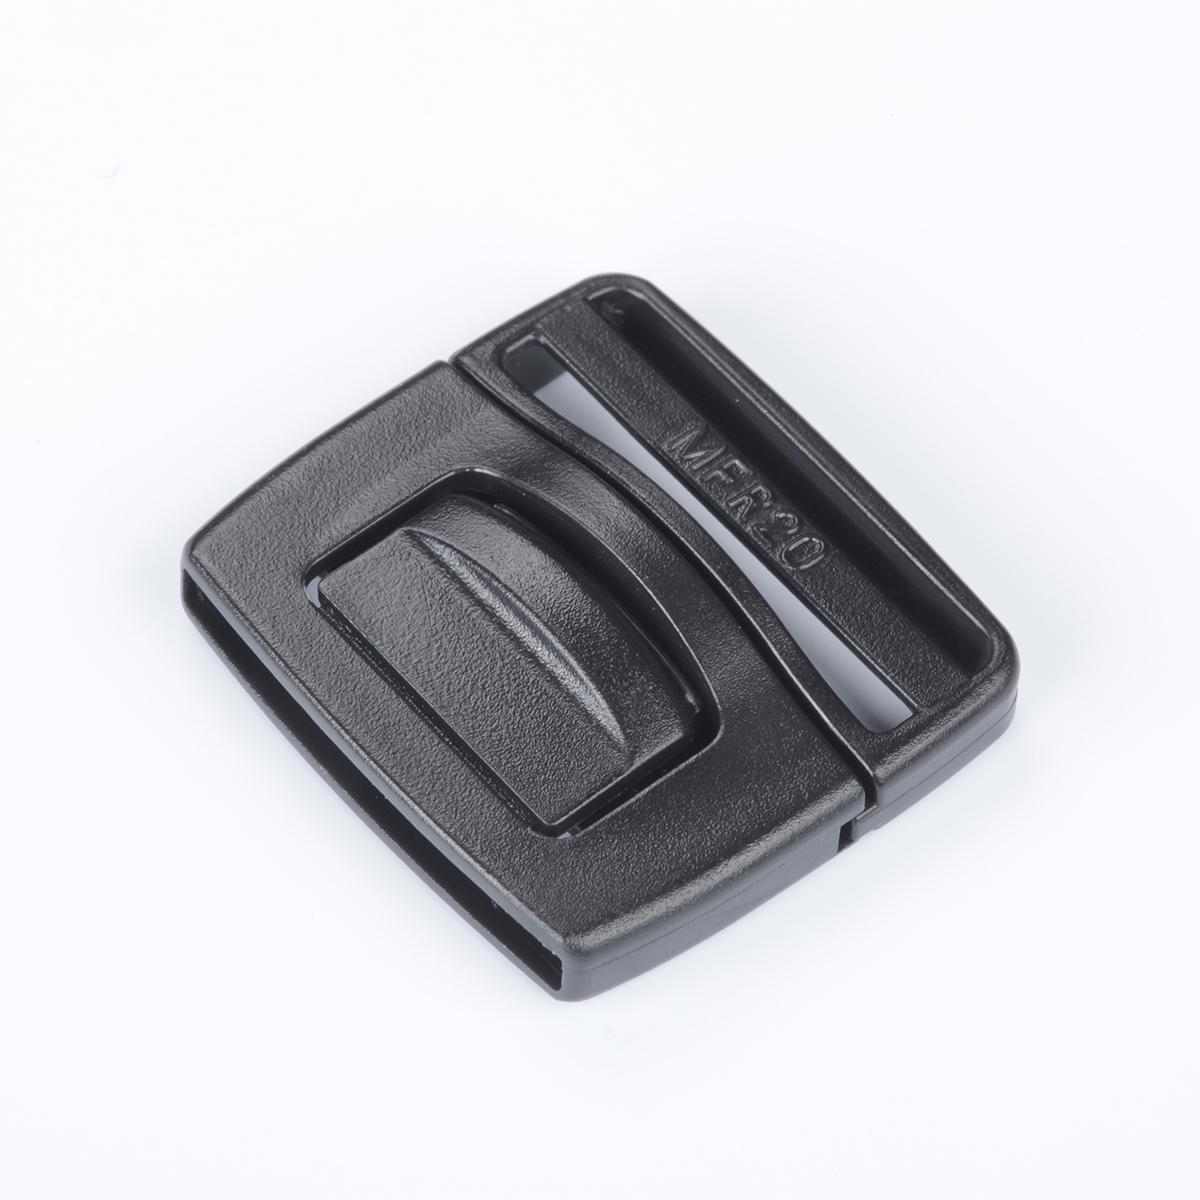 Nifcoニフコ MFR10 フロントリリースバックル 10mm幅用 1個